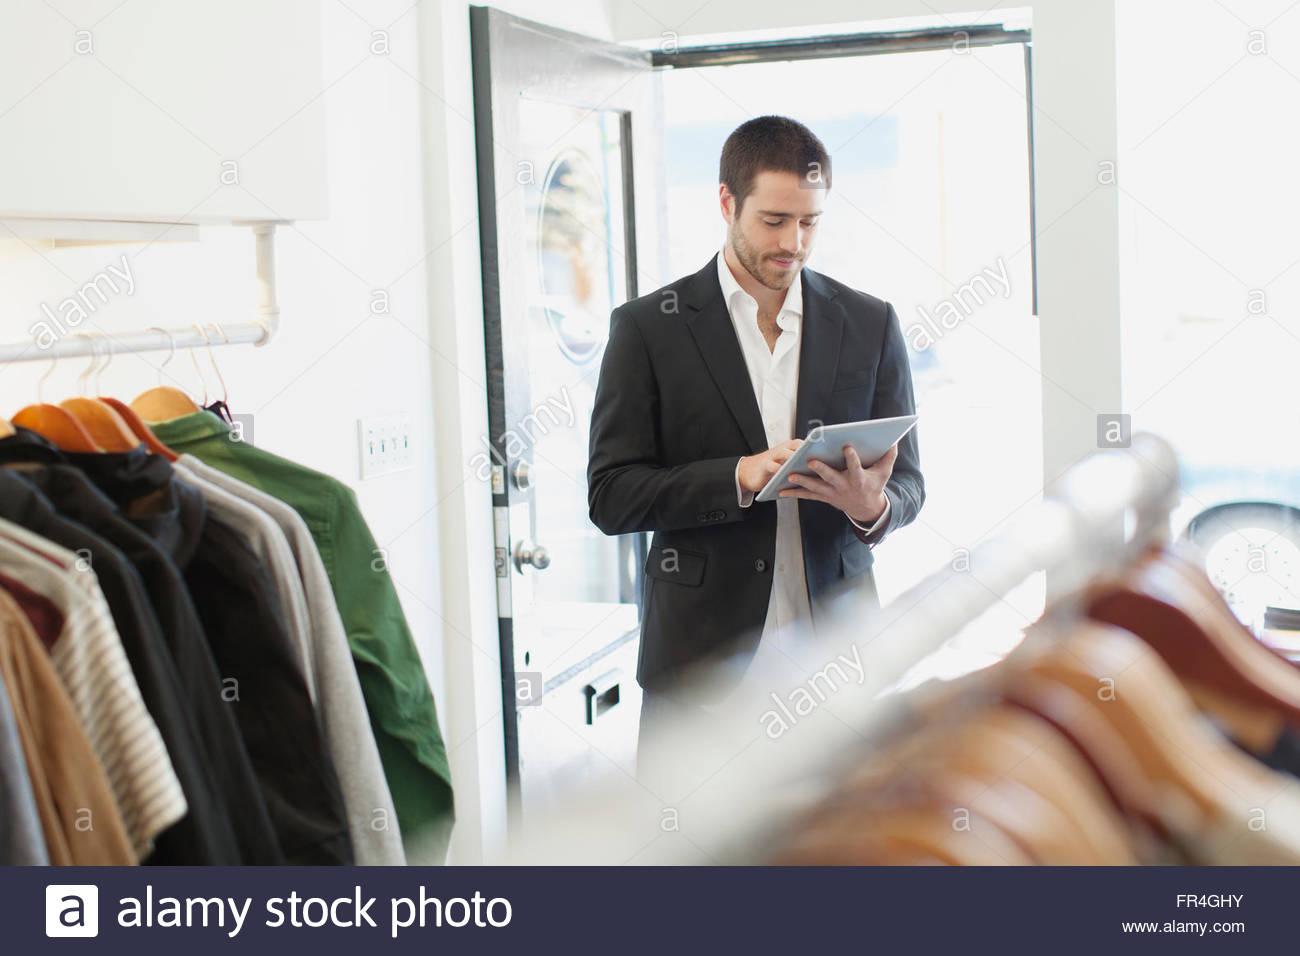 Empleado de almacén con tablet pc en mens store. Imagen De Stock